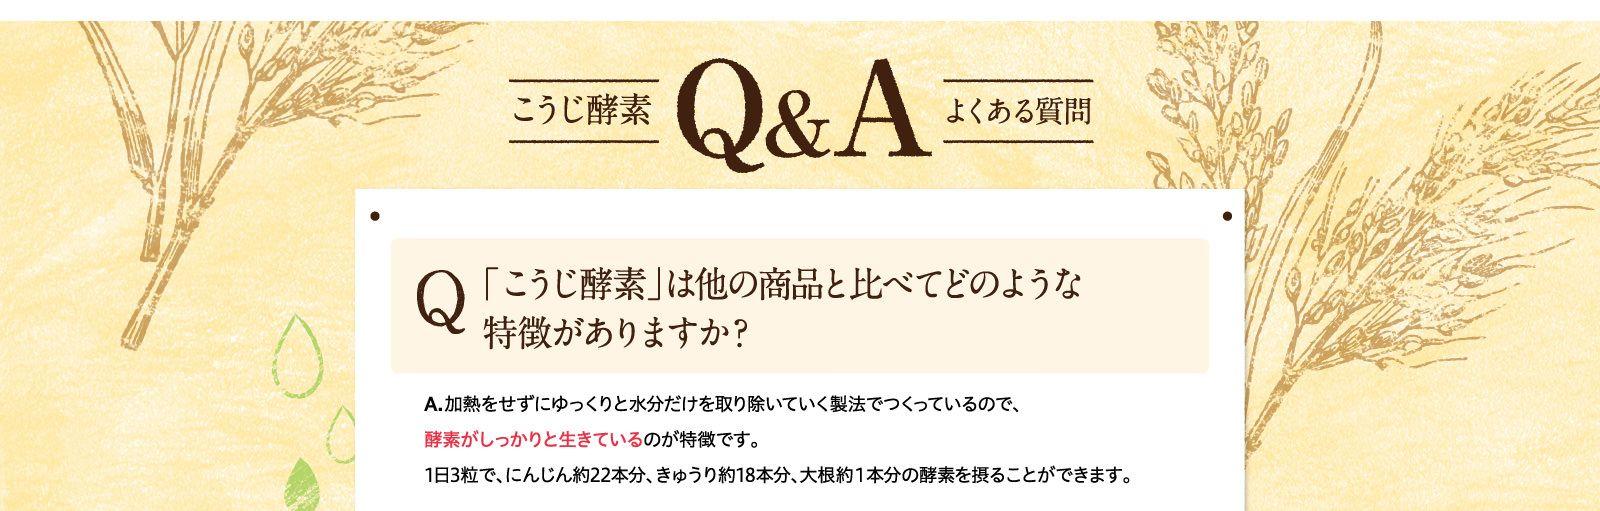 こうじ酵素よくある質問 Q&A